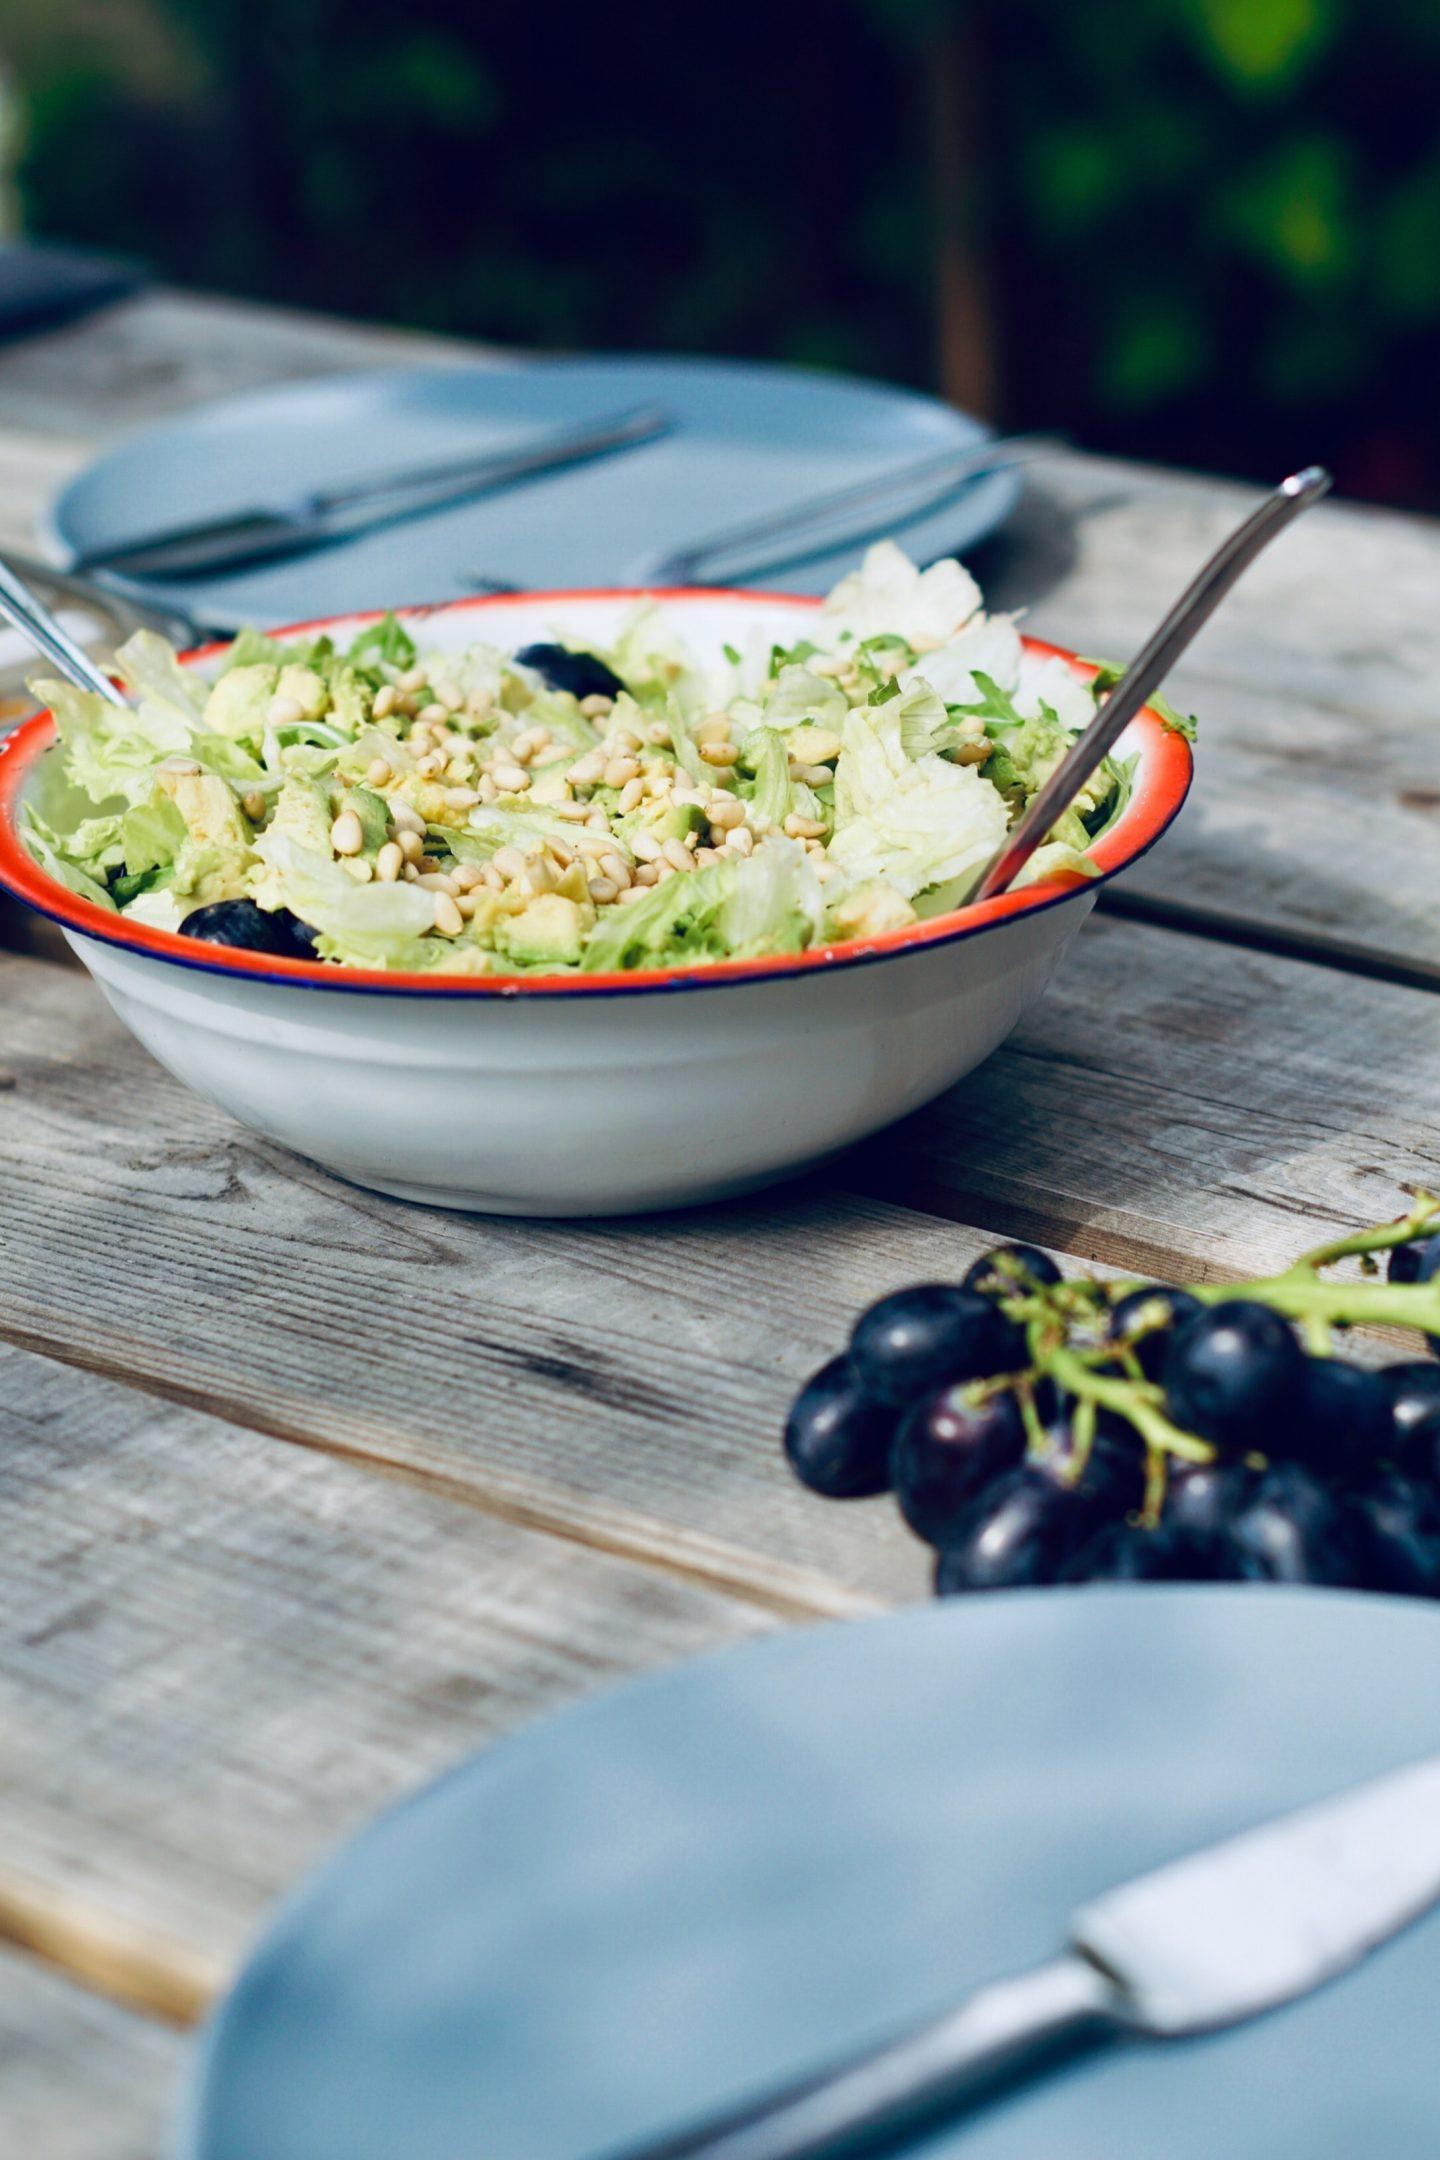 Mediterranean Diet Guide – 7 Day Meal Plan